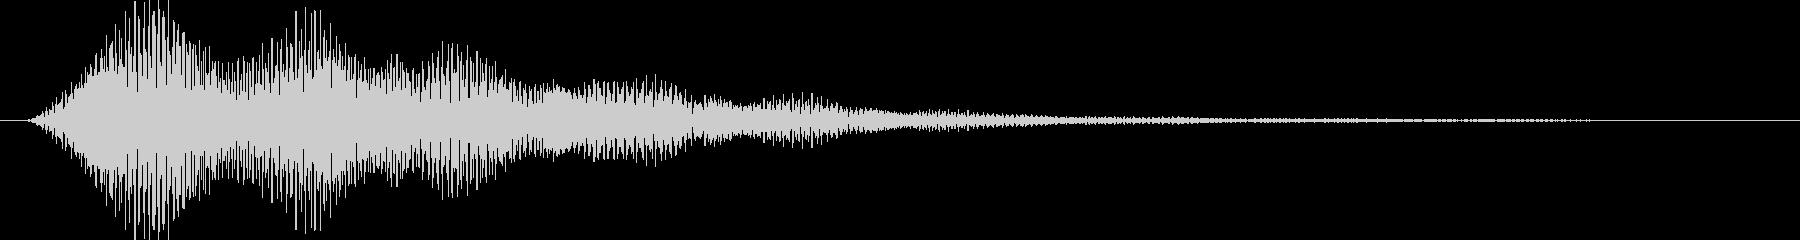 サウンドロゴ風プッシュボタンの未再生の波形